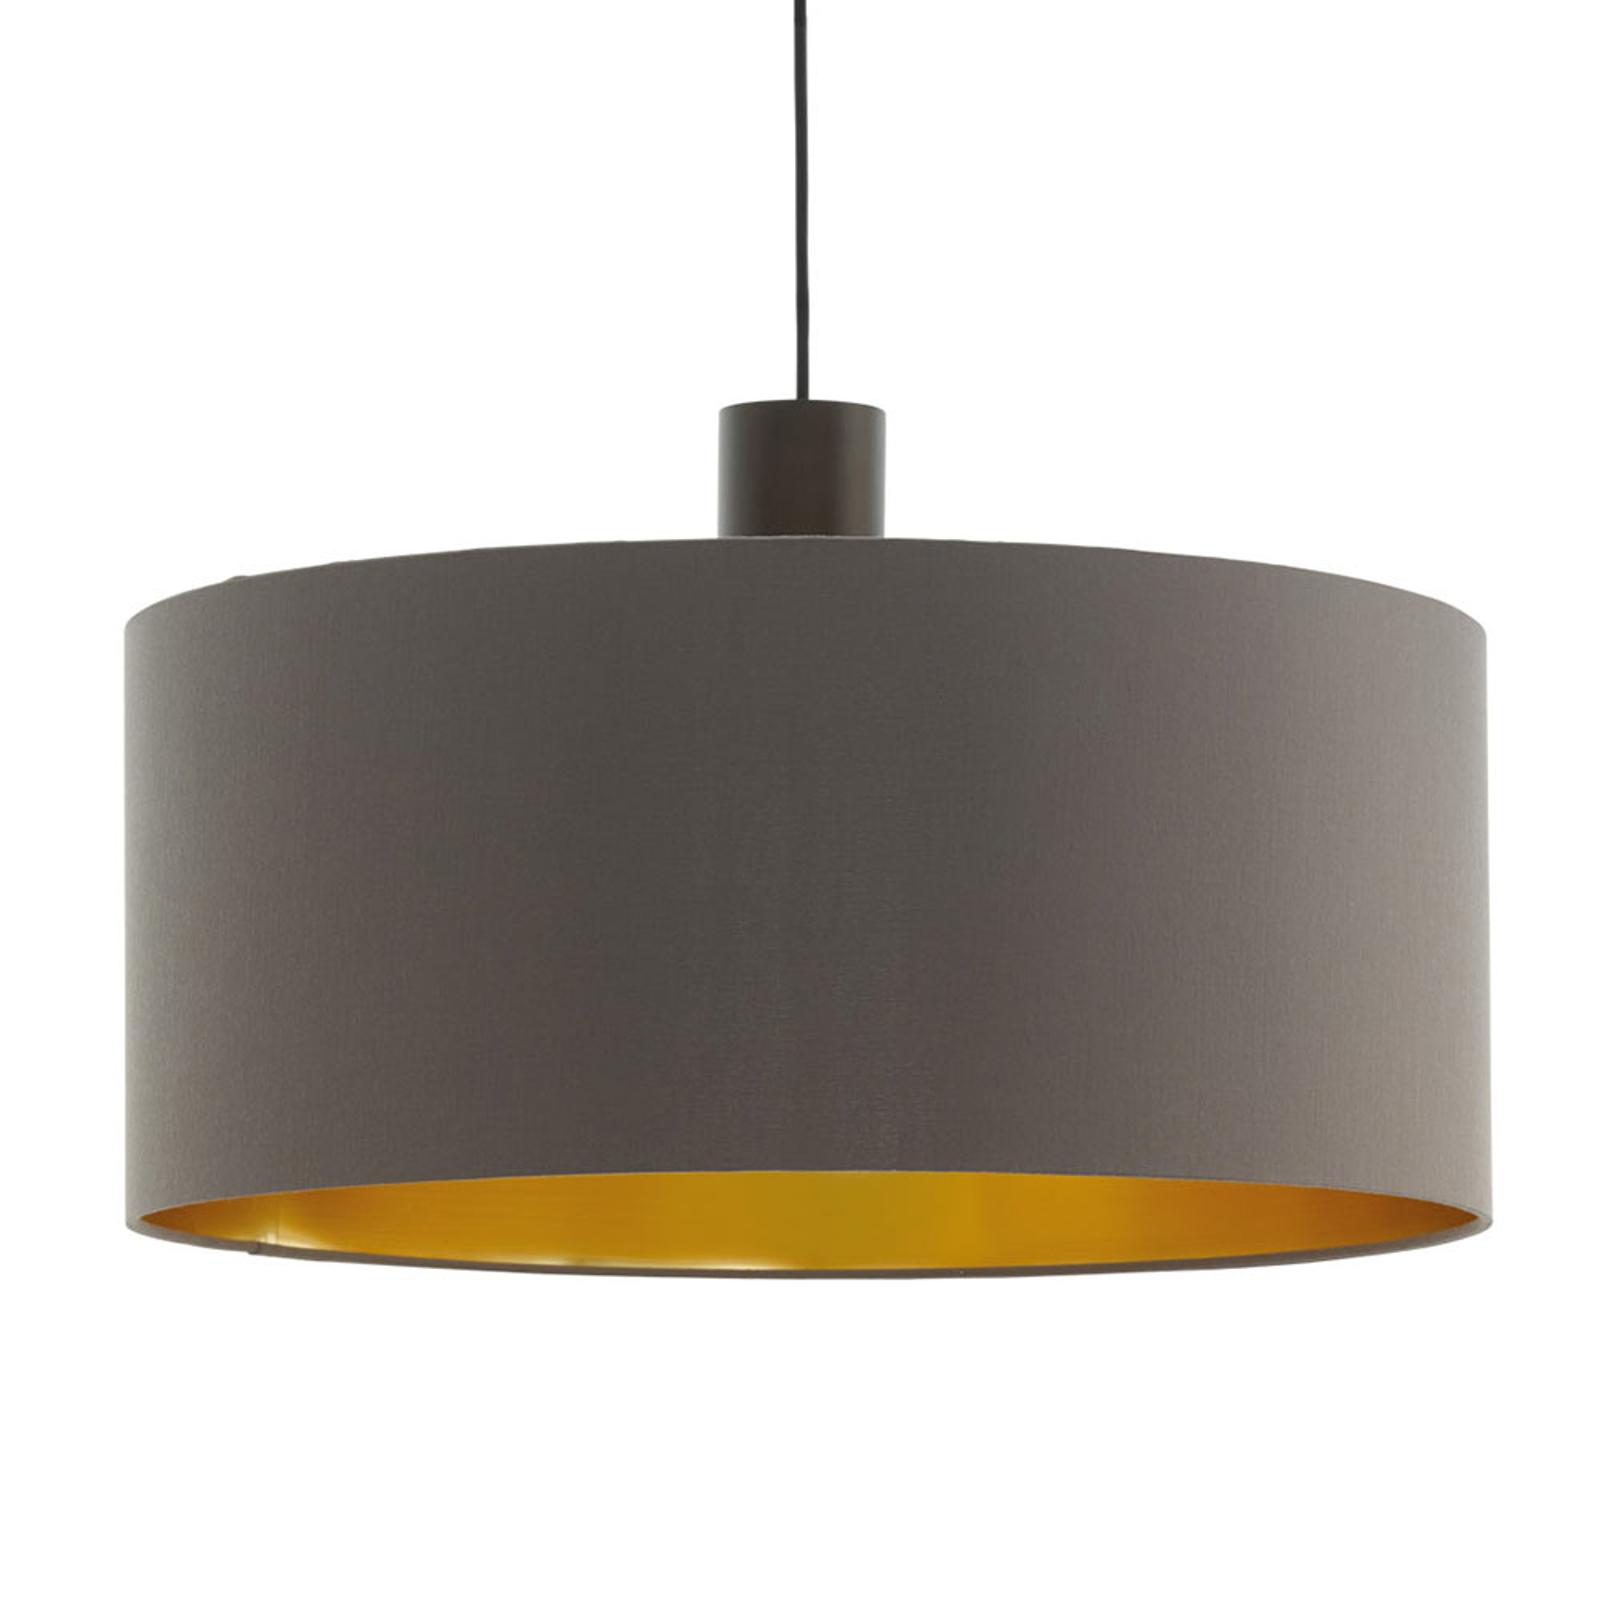 Hanglamp Concessa cappuccino/goud Ø 53 cm